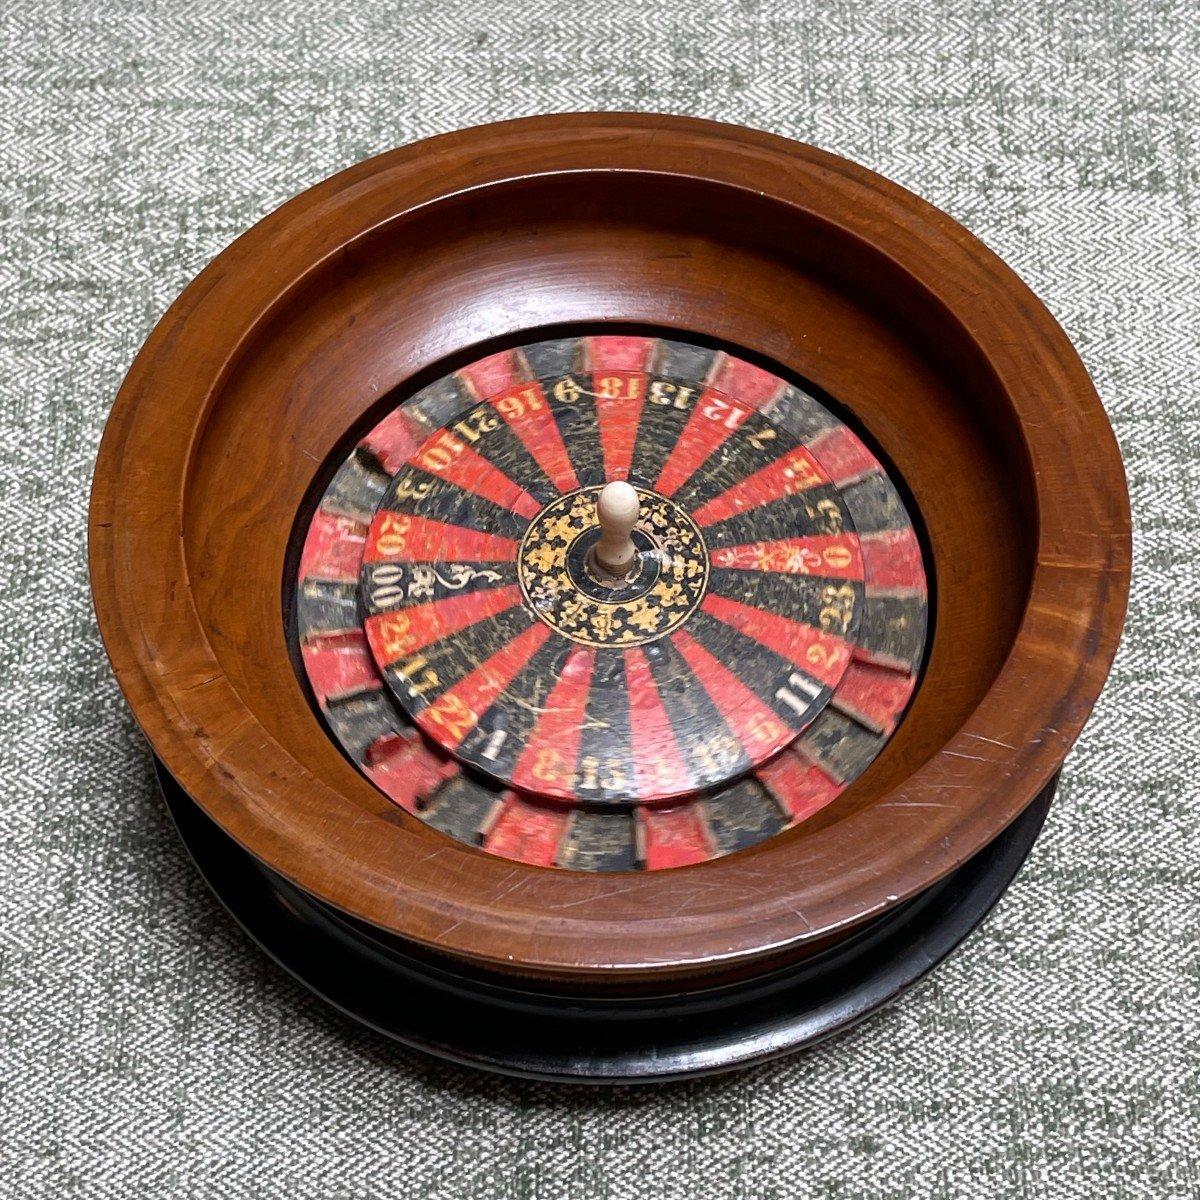 petite roulette de table 19ème-photo-3